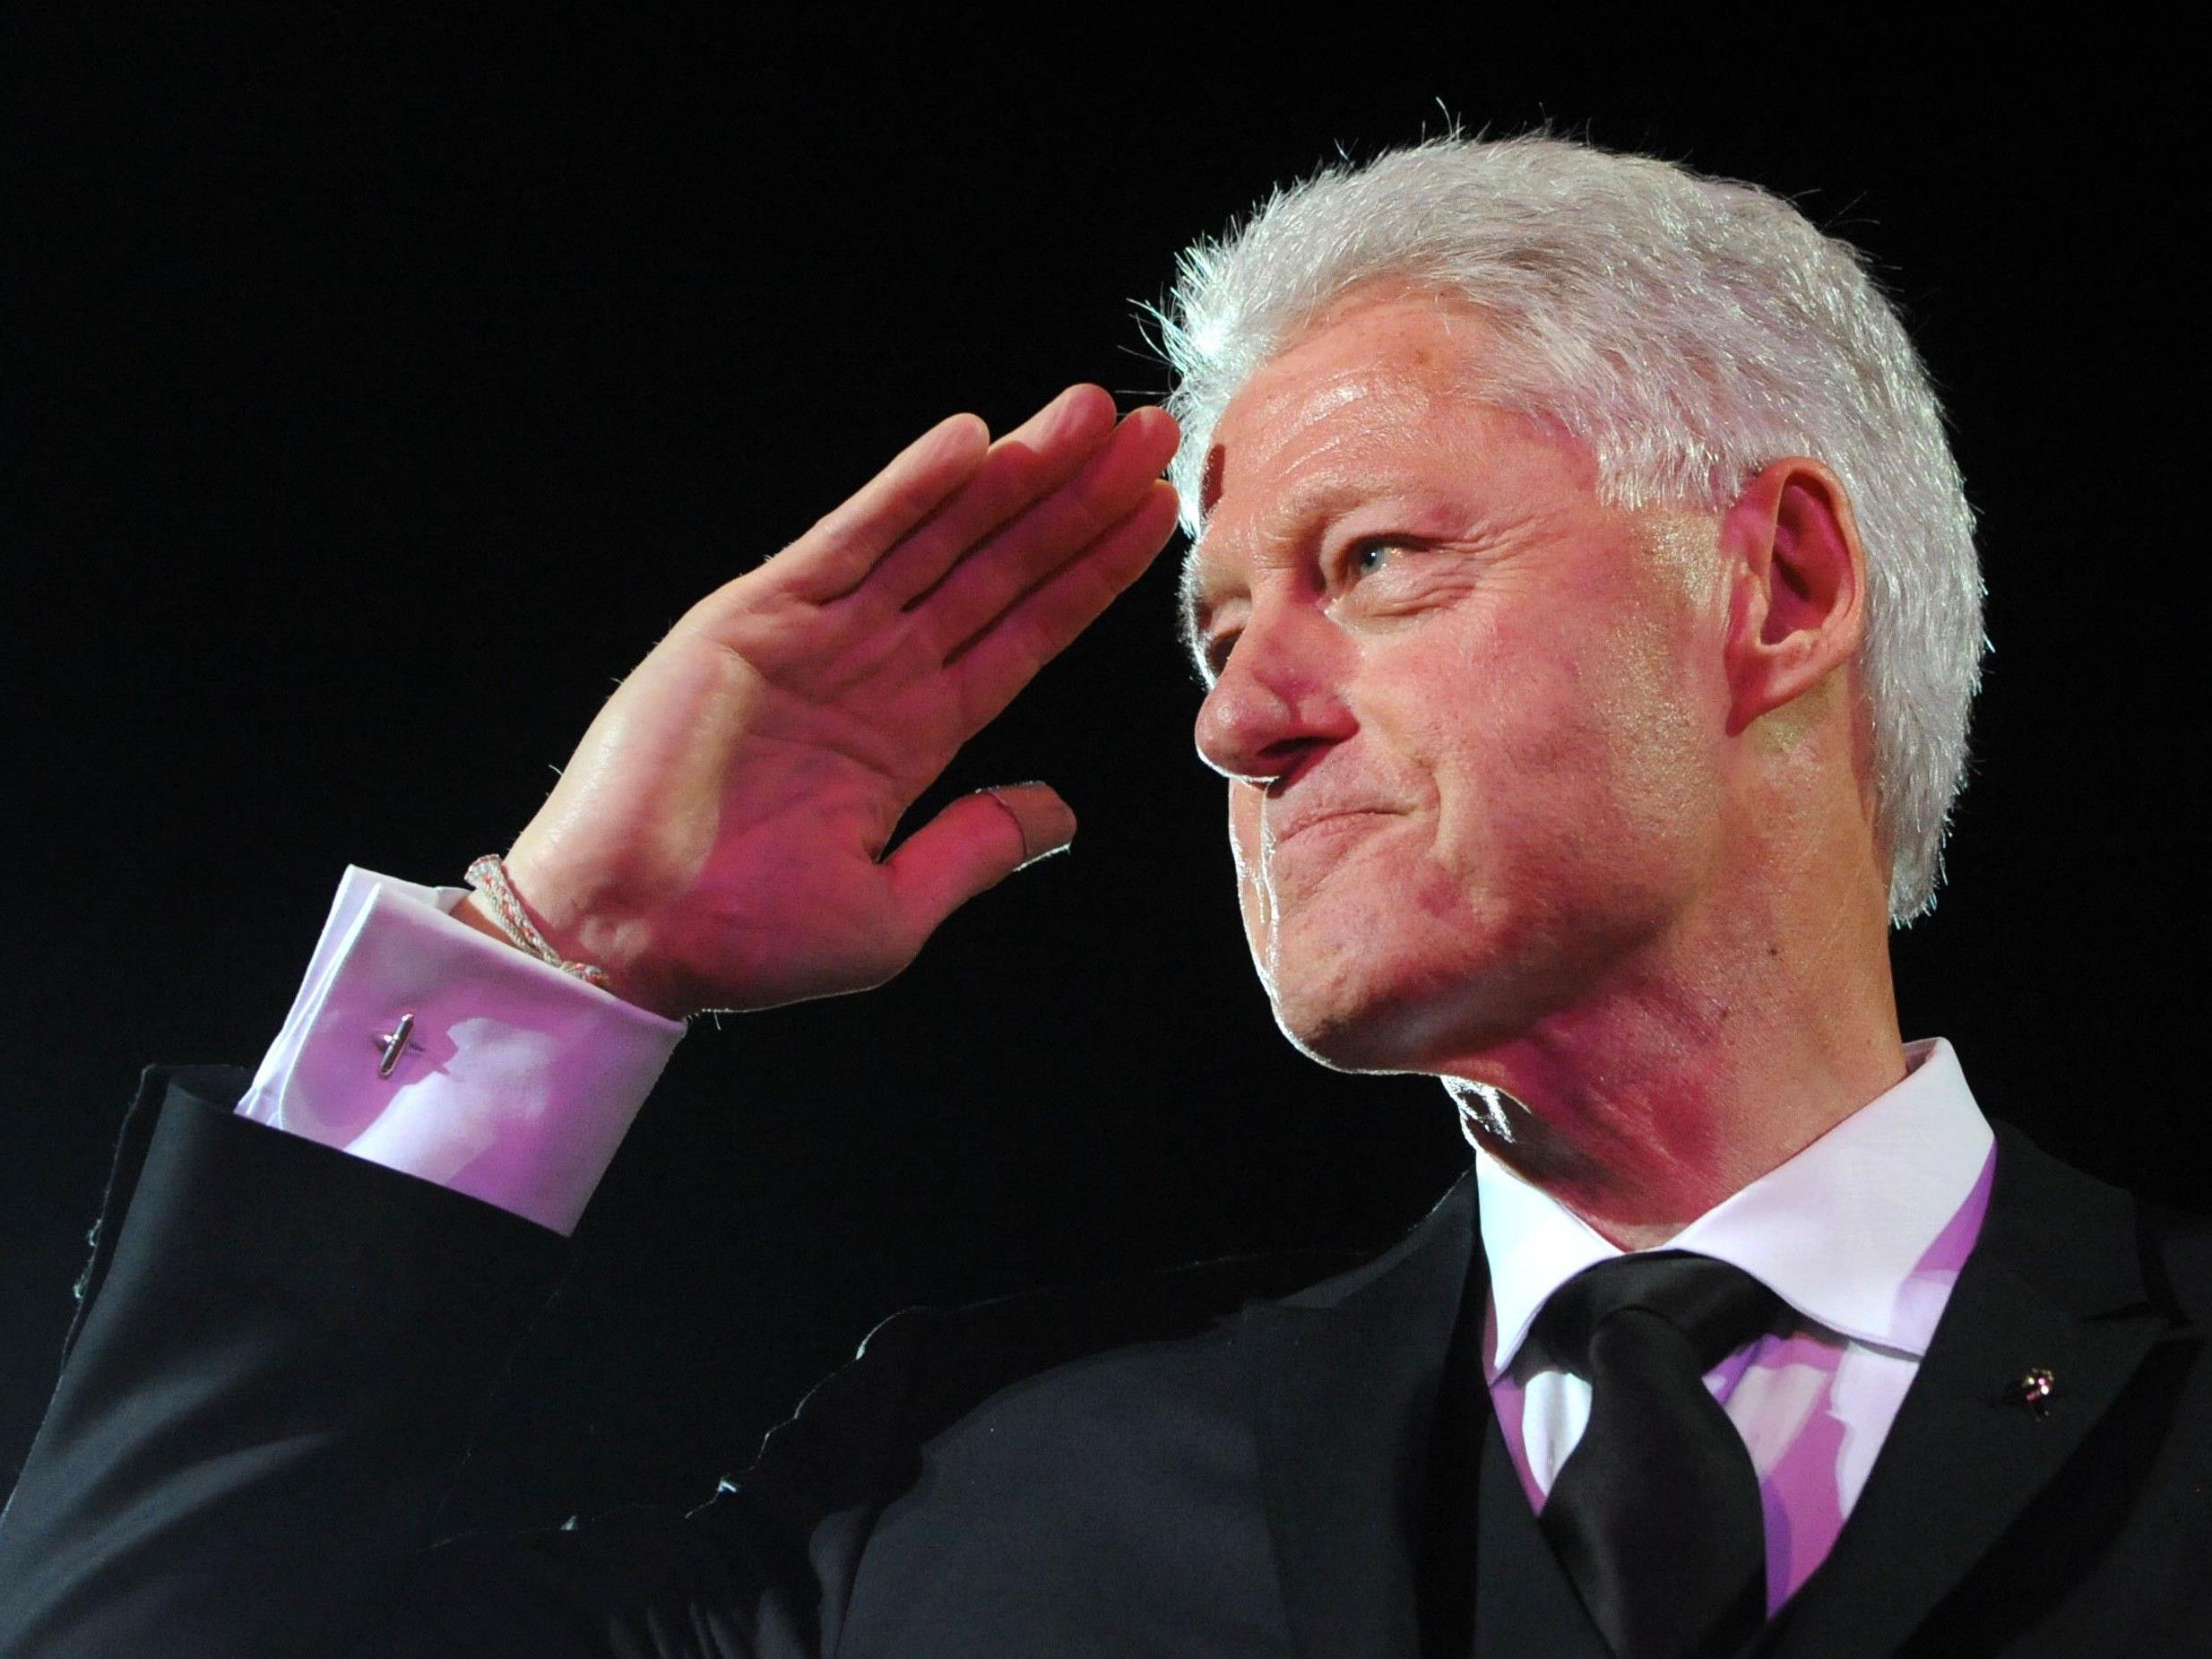 Auch Bill Clinton wird am Life Ball 2012 anwesend sein und bereits am Freitag in Wien landen.